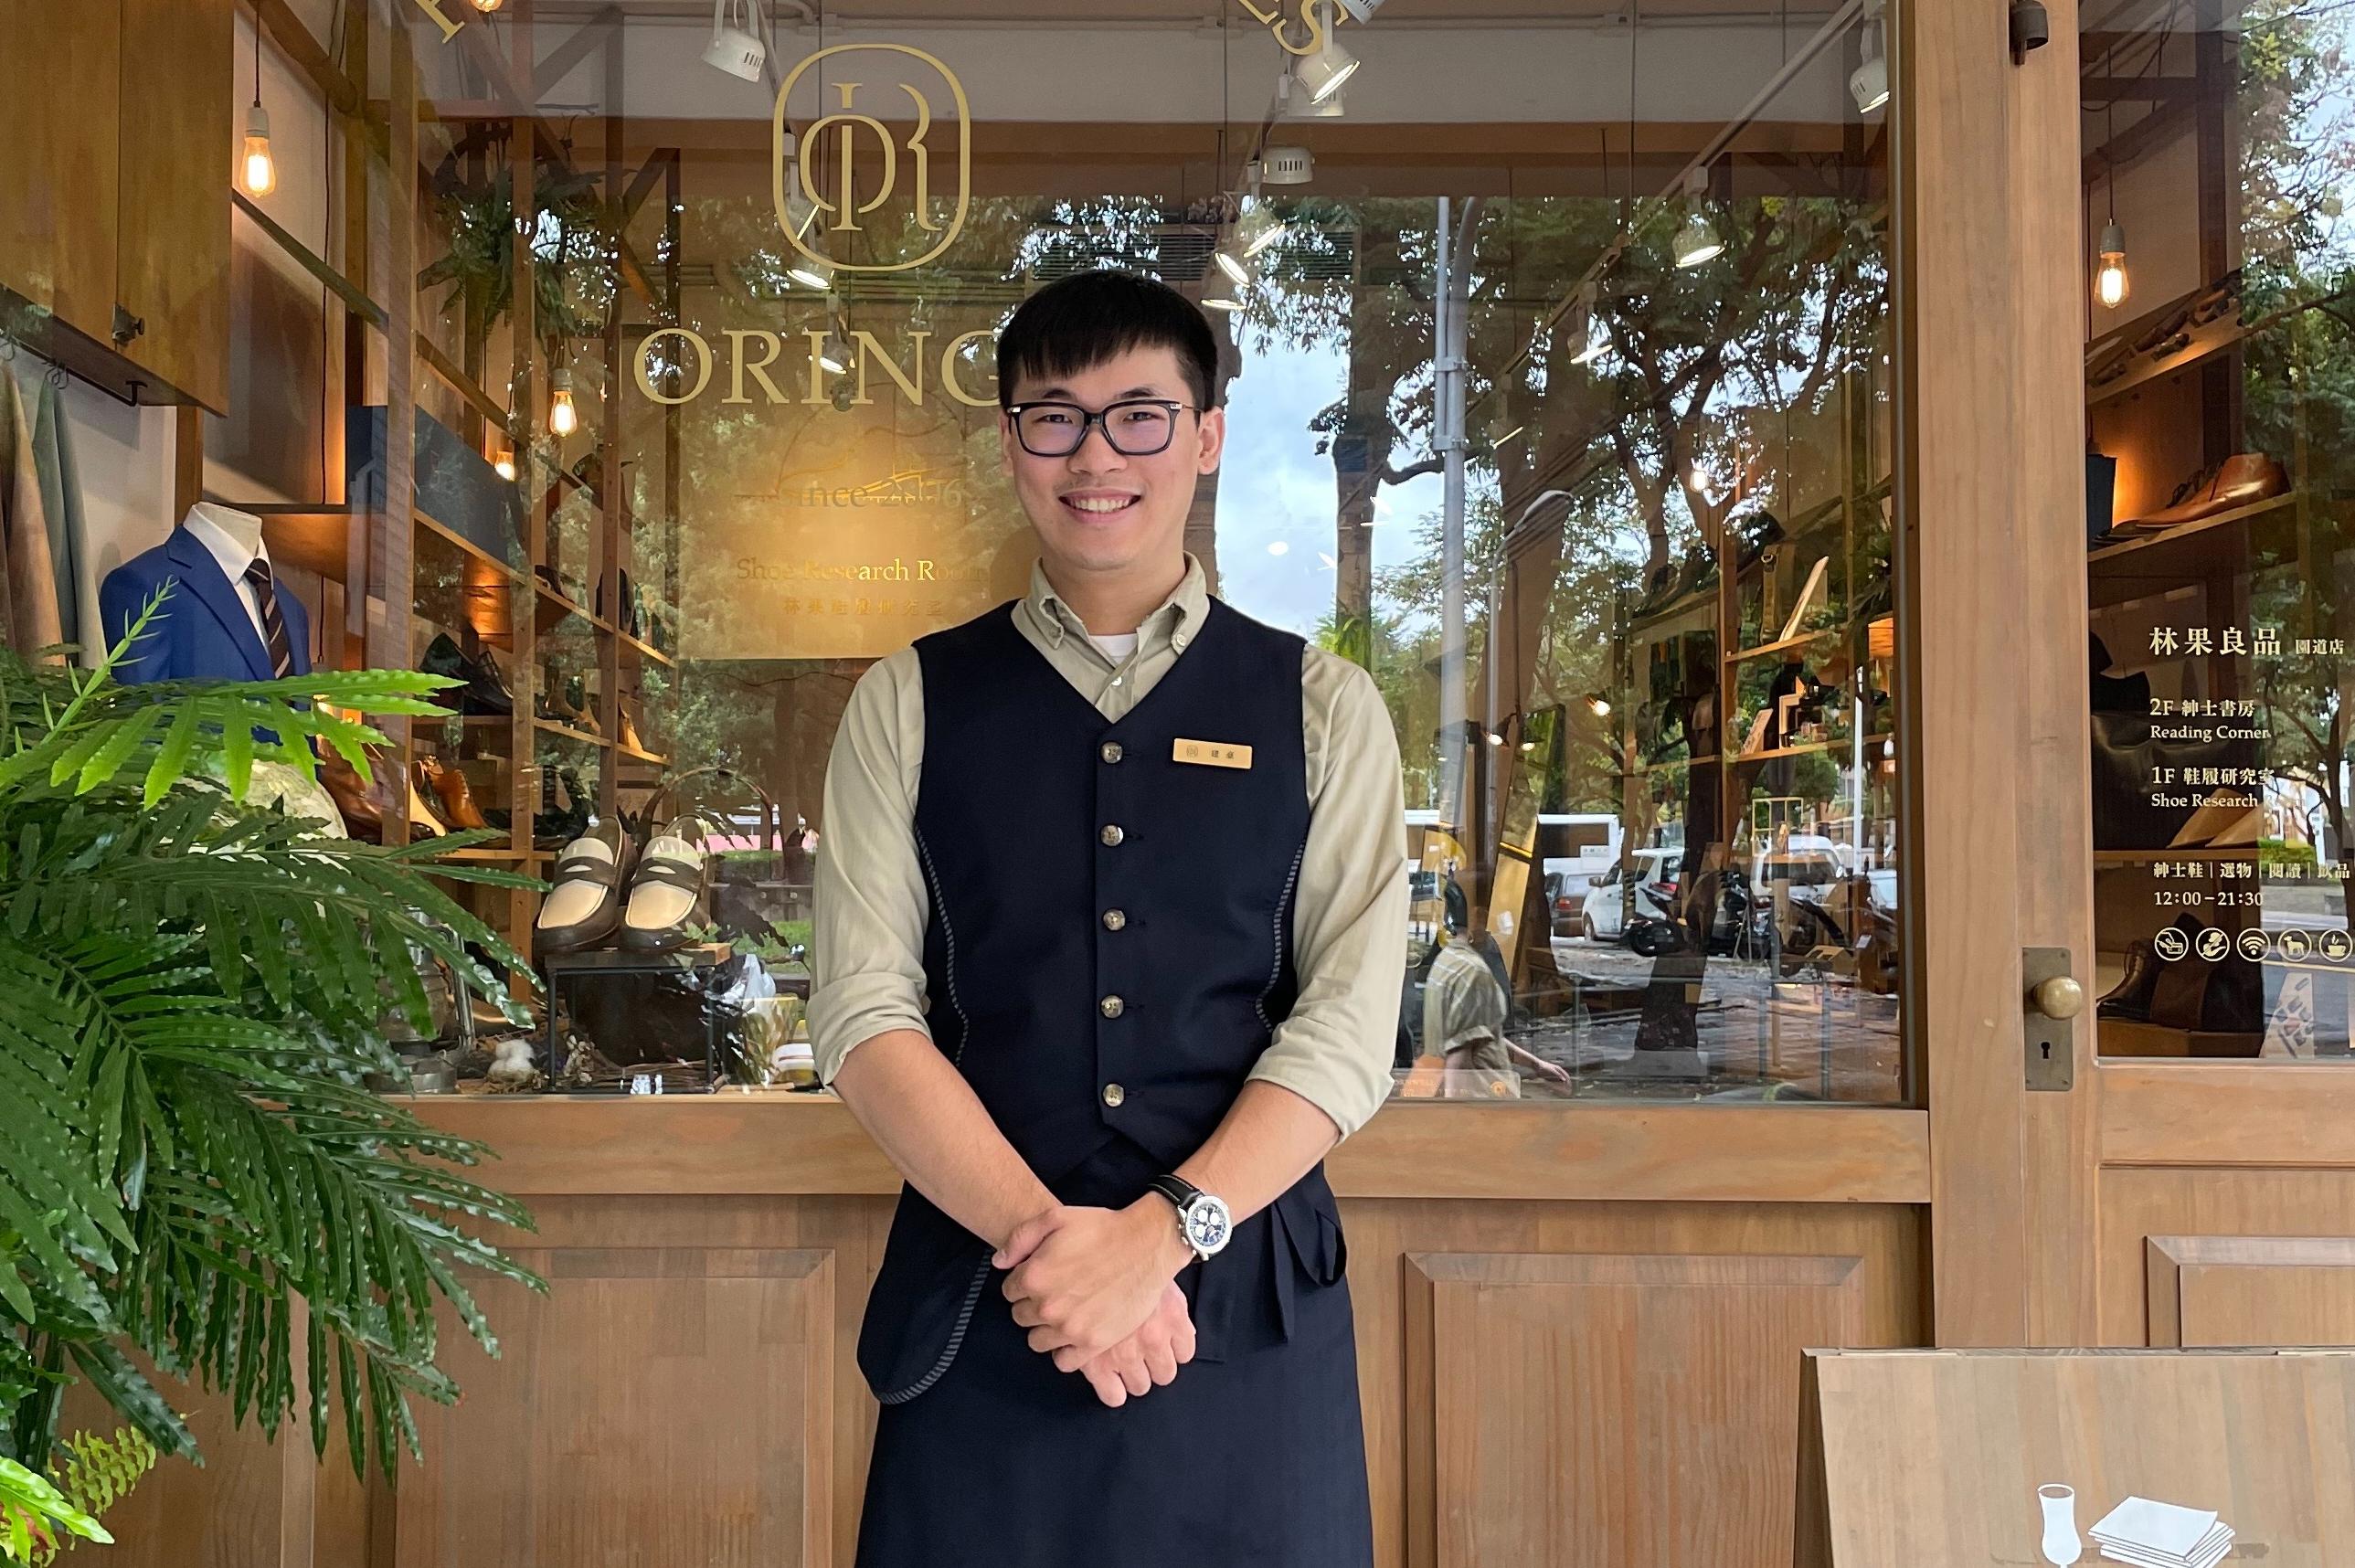 林果15週年夥伴訪談台中店建豪